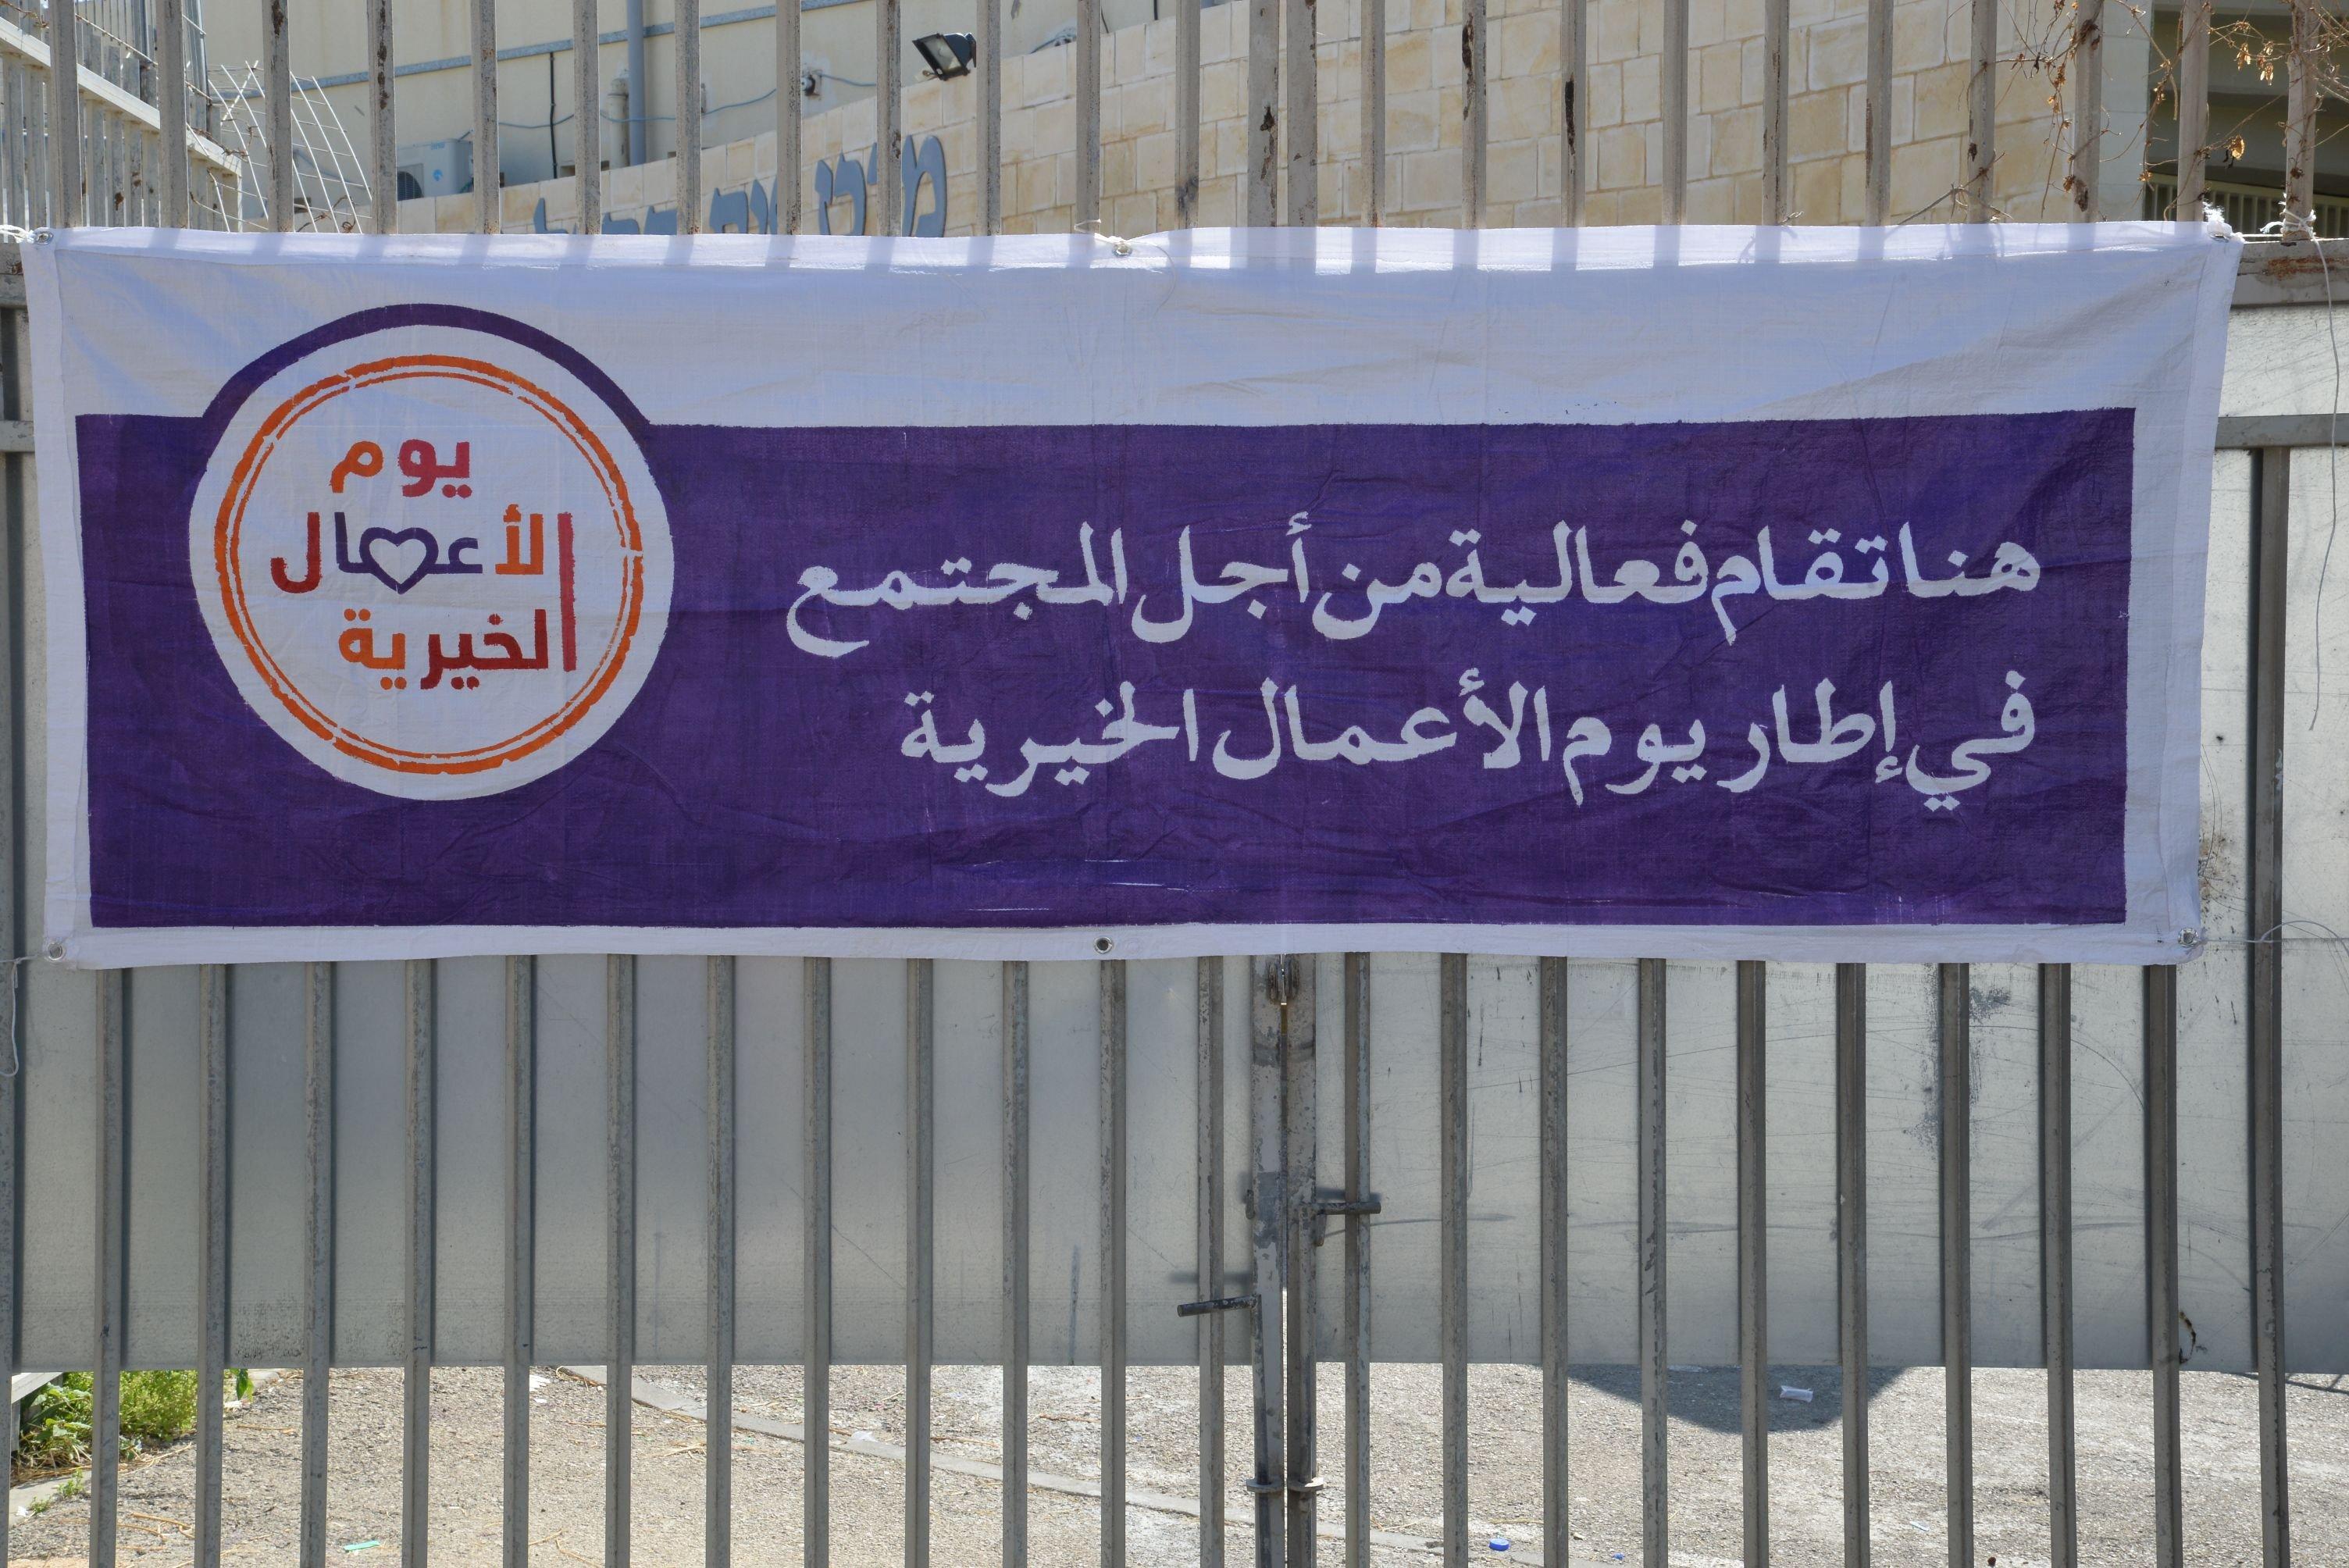 نجاح رائع ليوم الاعمال الخيرية في مدرسة أورط على أسم حلمي الشافعي عكا